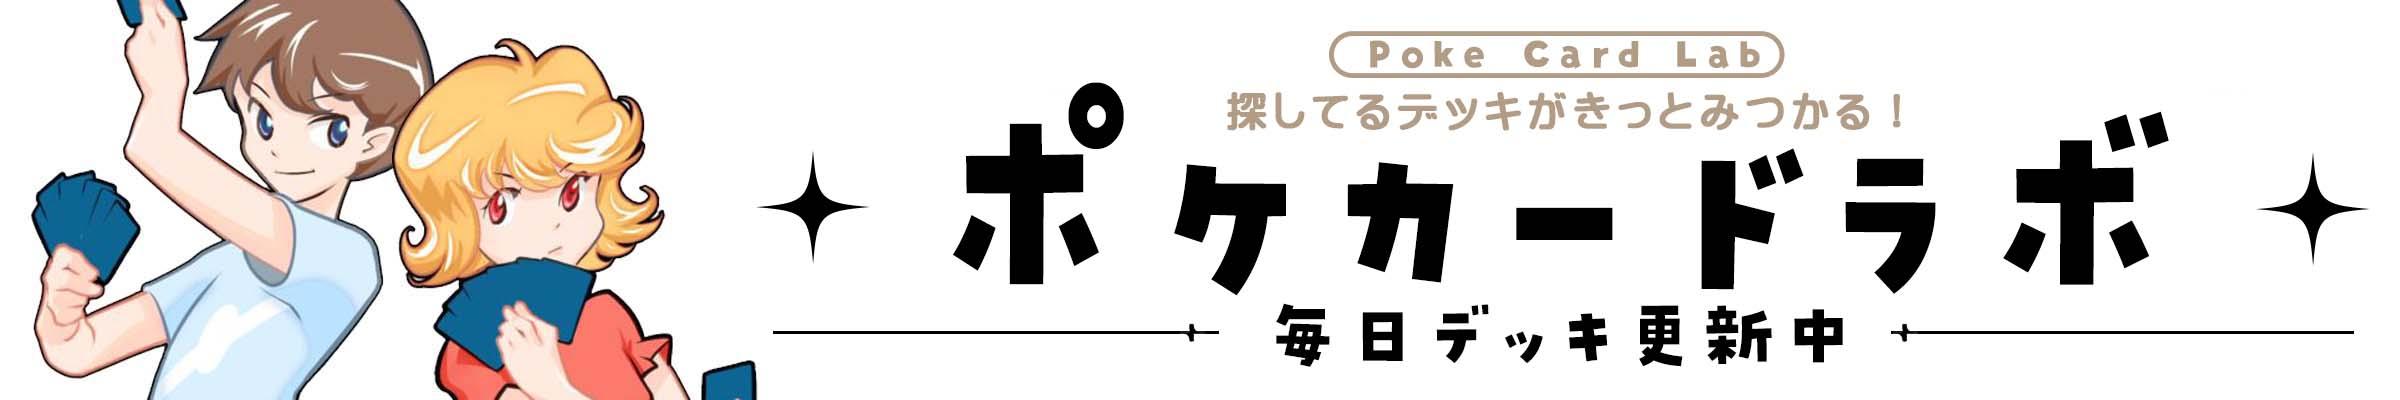 《ポケカードラボ》ポケモンカードデッキレシピサイトPokecardlab